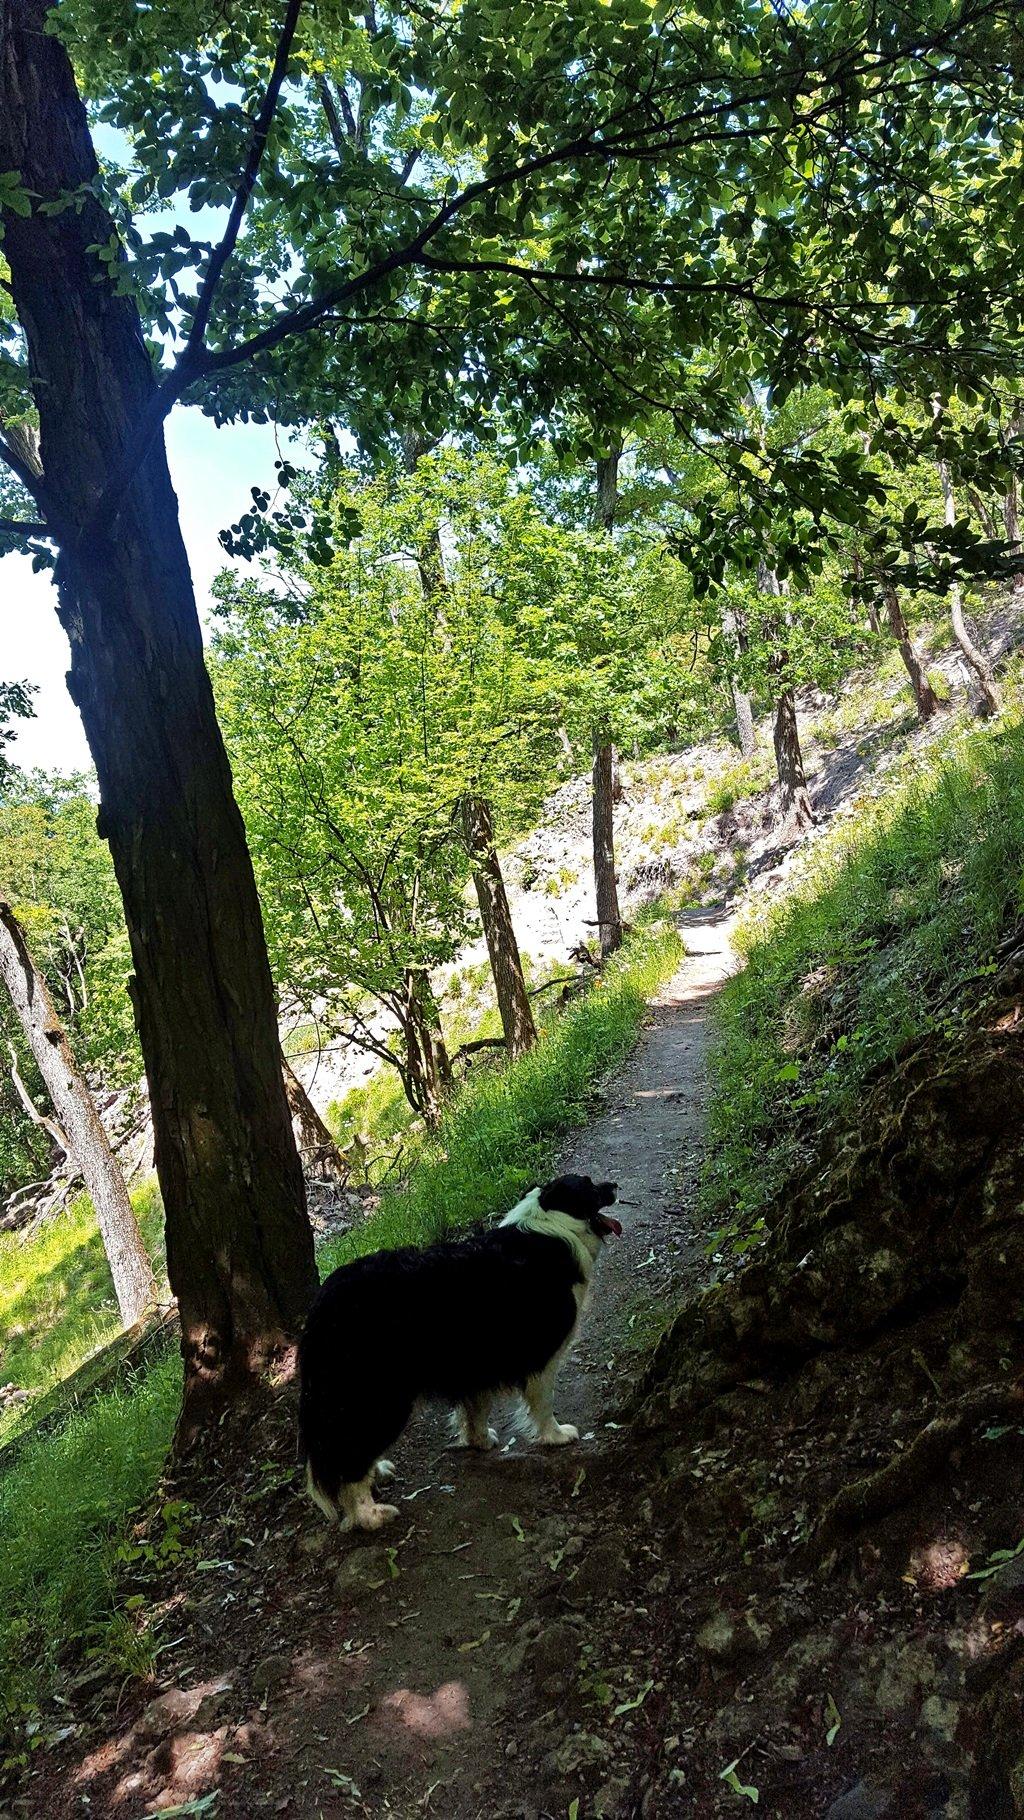 Az ösvény kutyával is teljesen jól járható